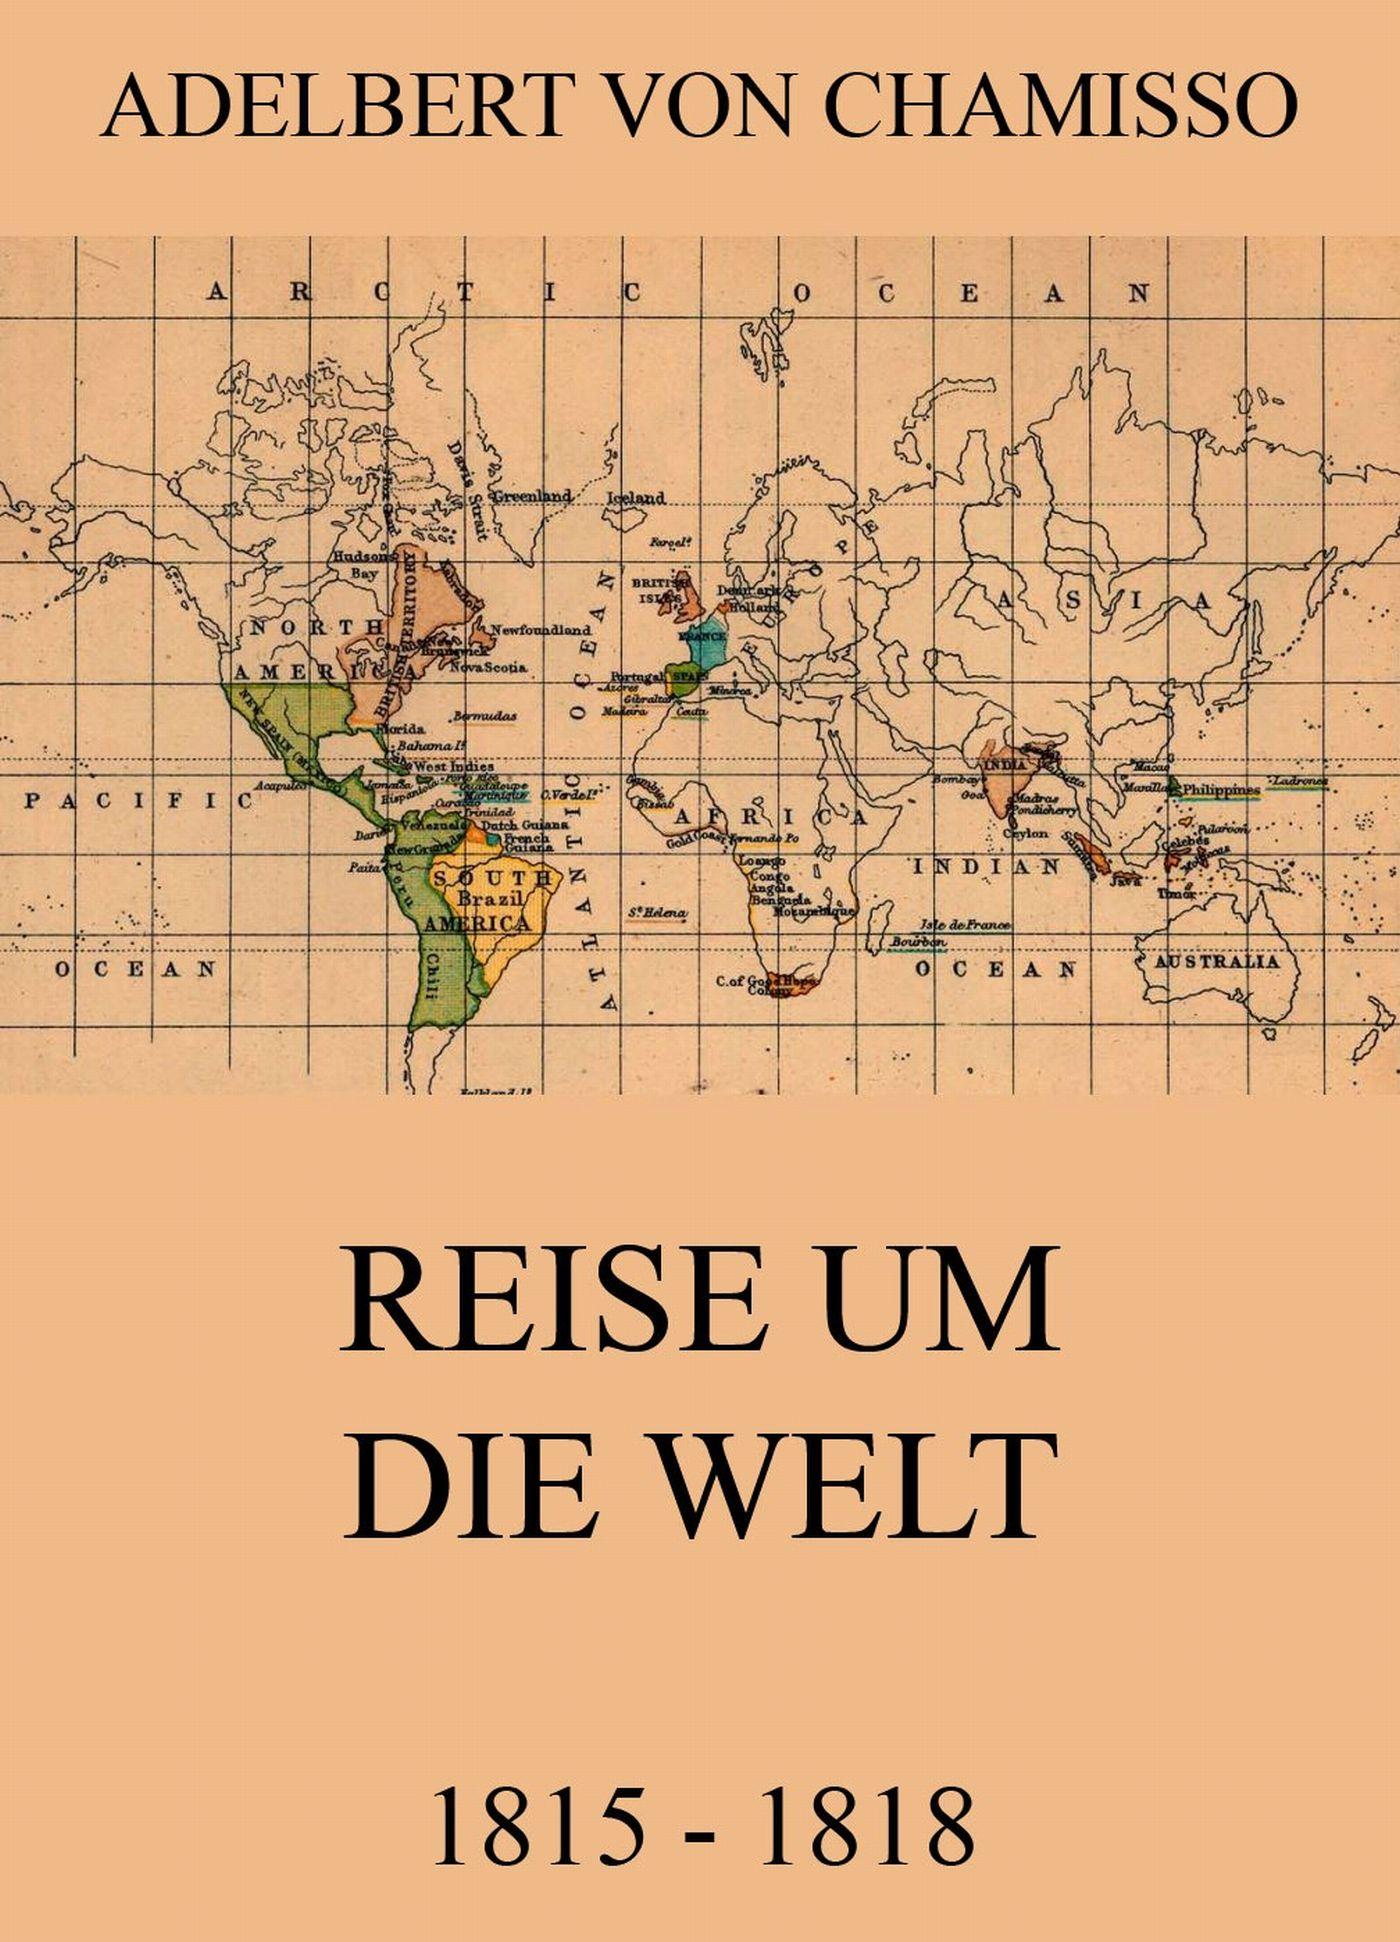 Фото - Adelbert von Chamisso Reise um die Welt (1815 - 1818) karl heinrich görtz reise um die welt in den jahren 1844 1847 bd reise in westindien und sudamerica german edition